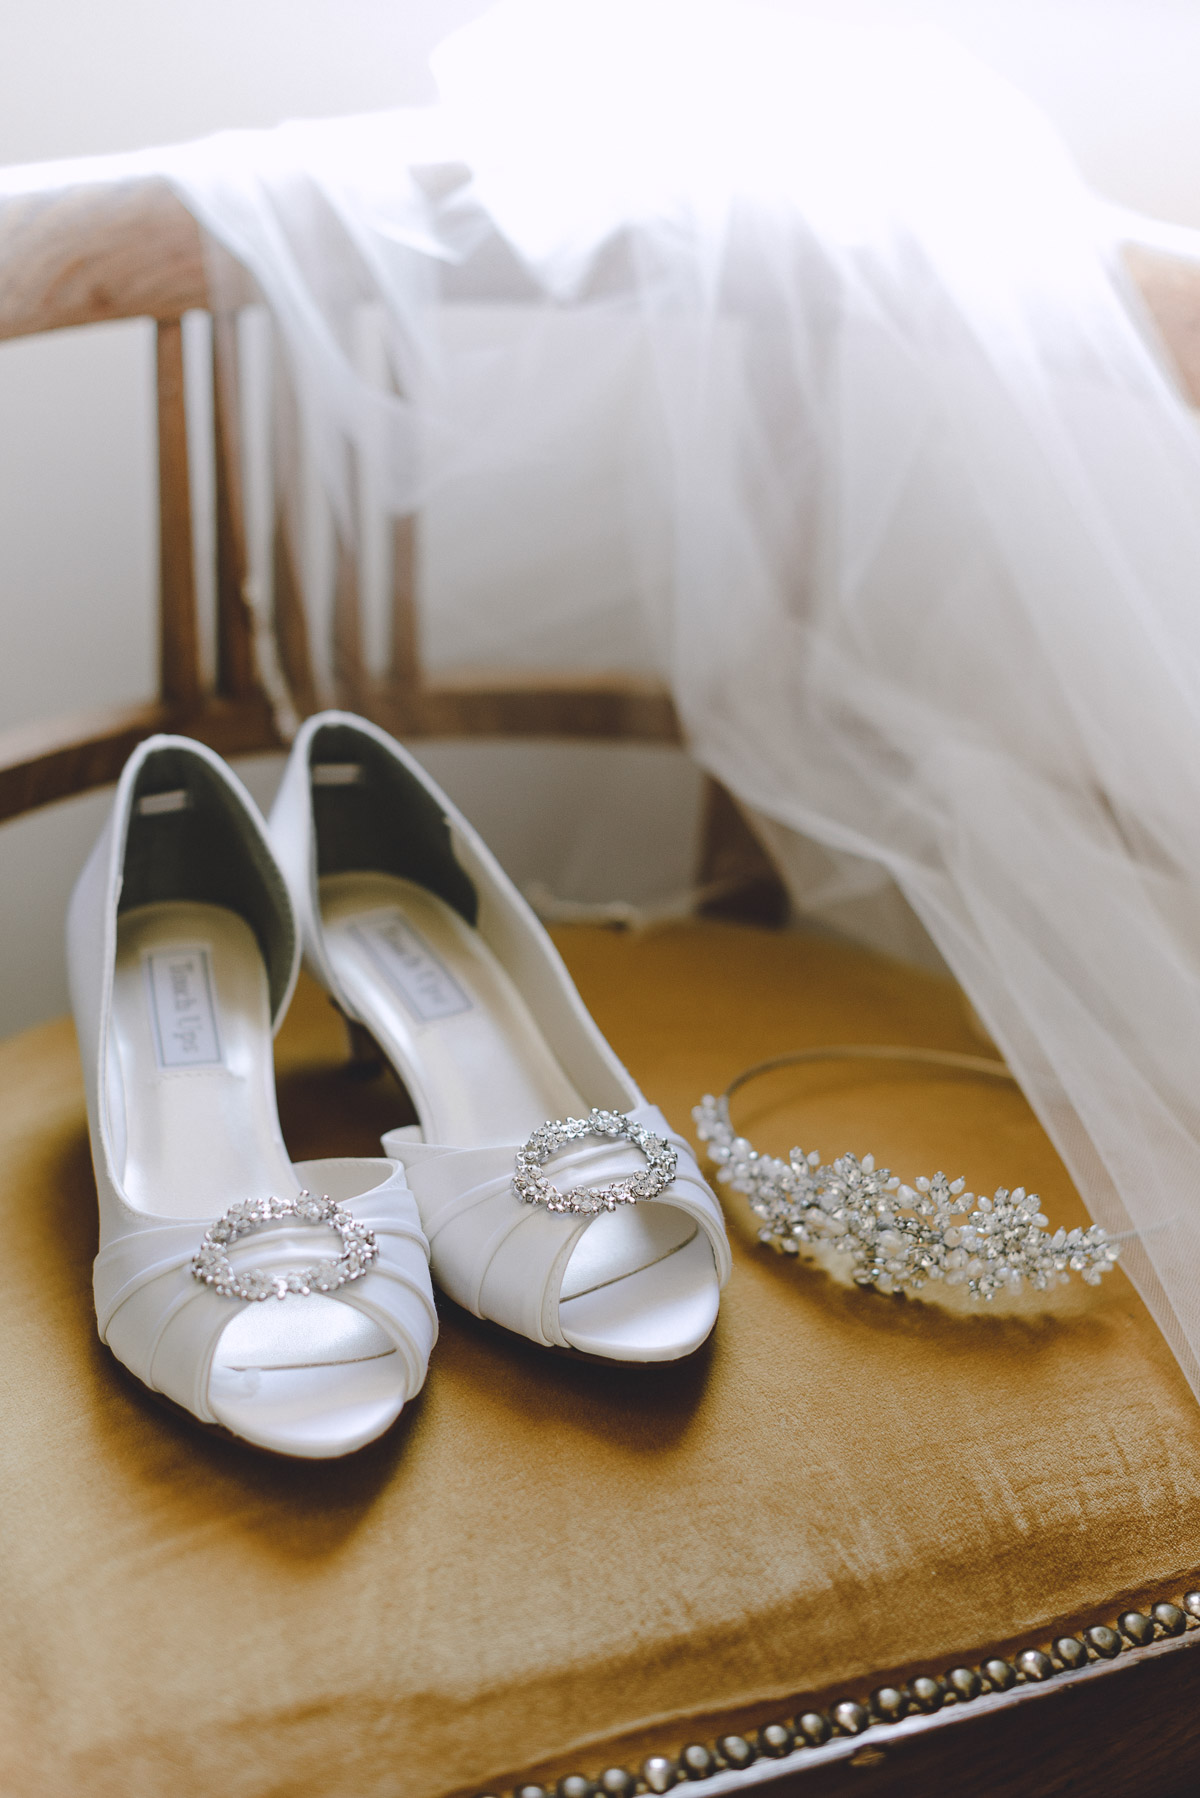 Borgo di tragliata - fiumicino wedding photographer - italian fairytale